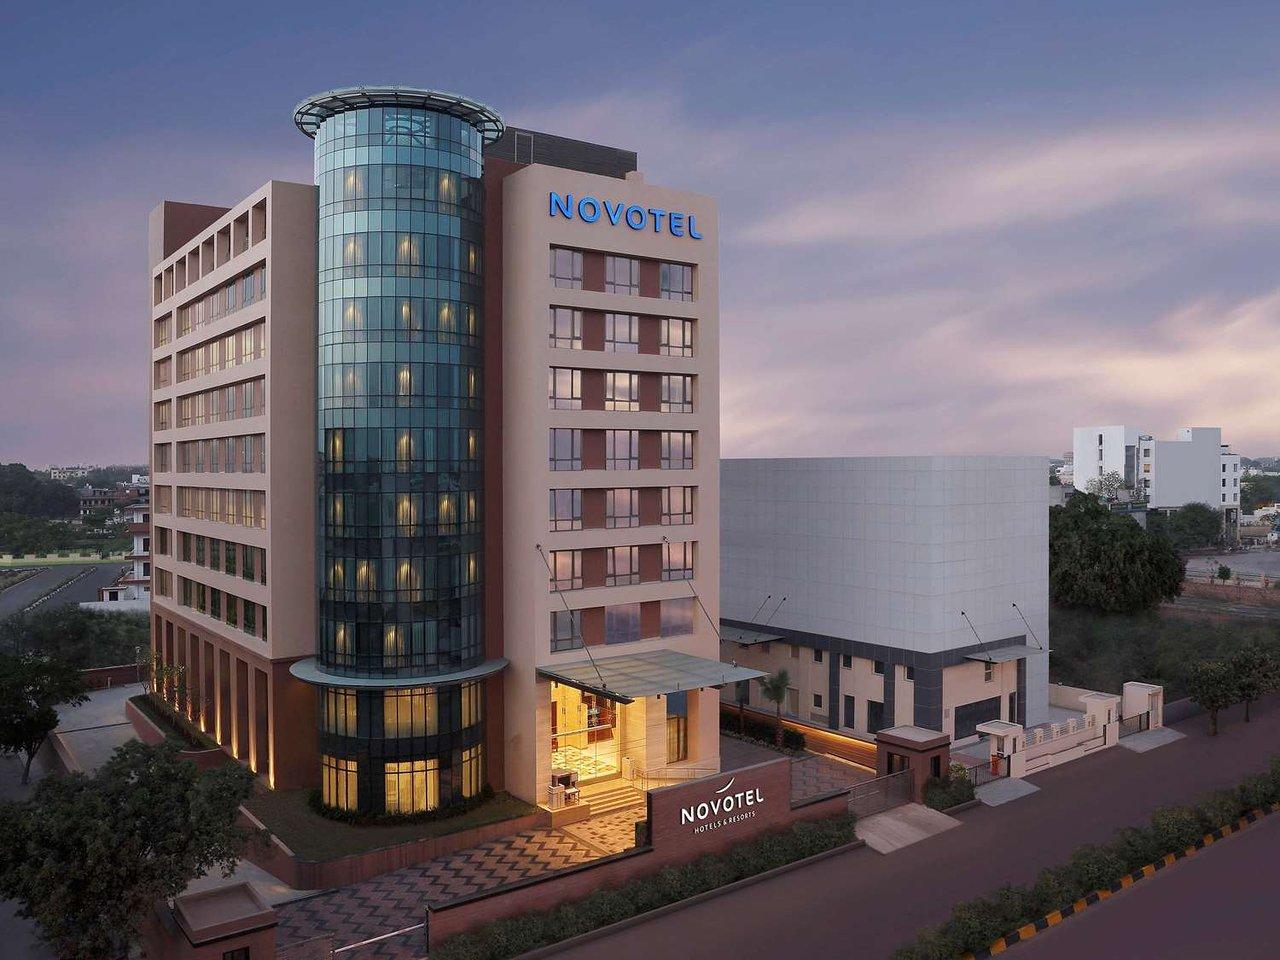 Accor signe un contrat de trois propriétés pour introduire la marque Novotel en RDC